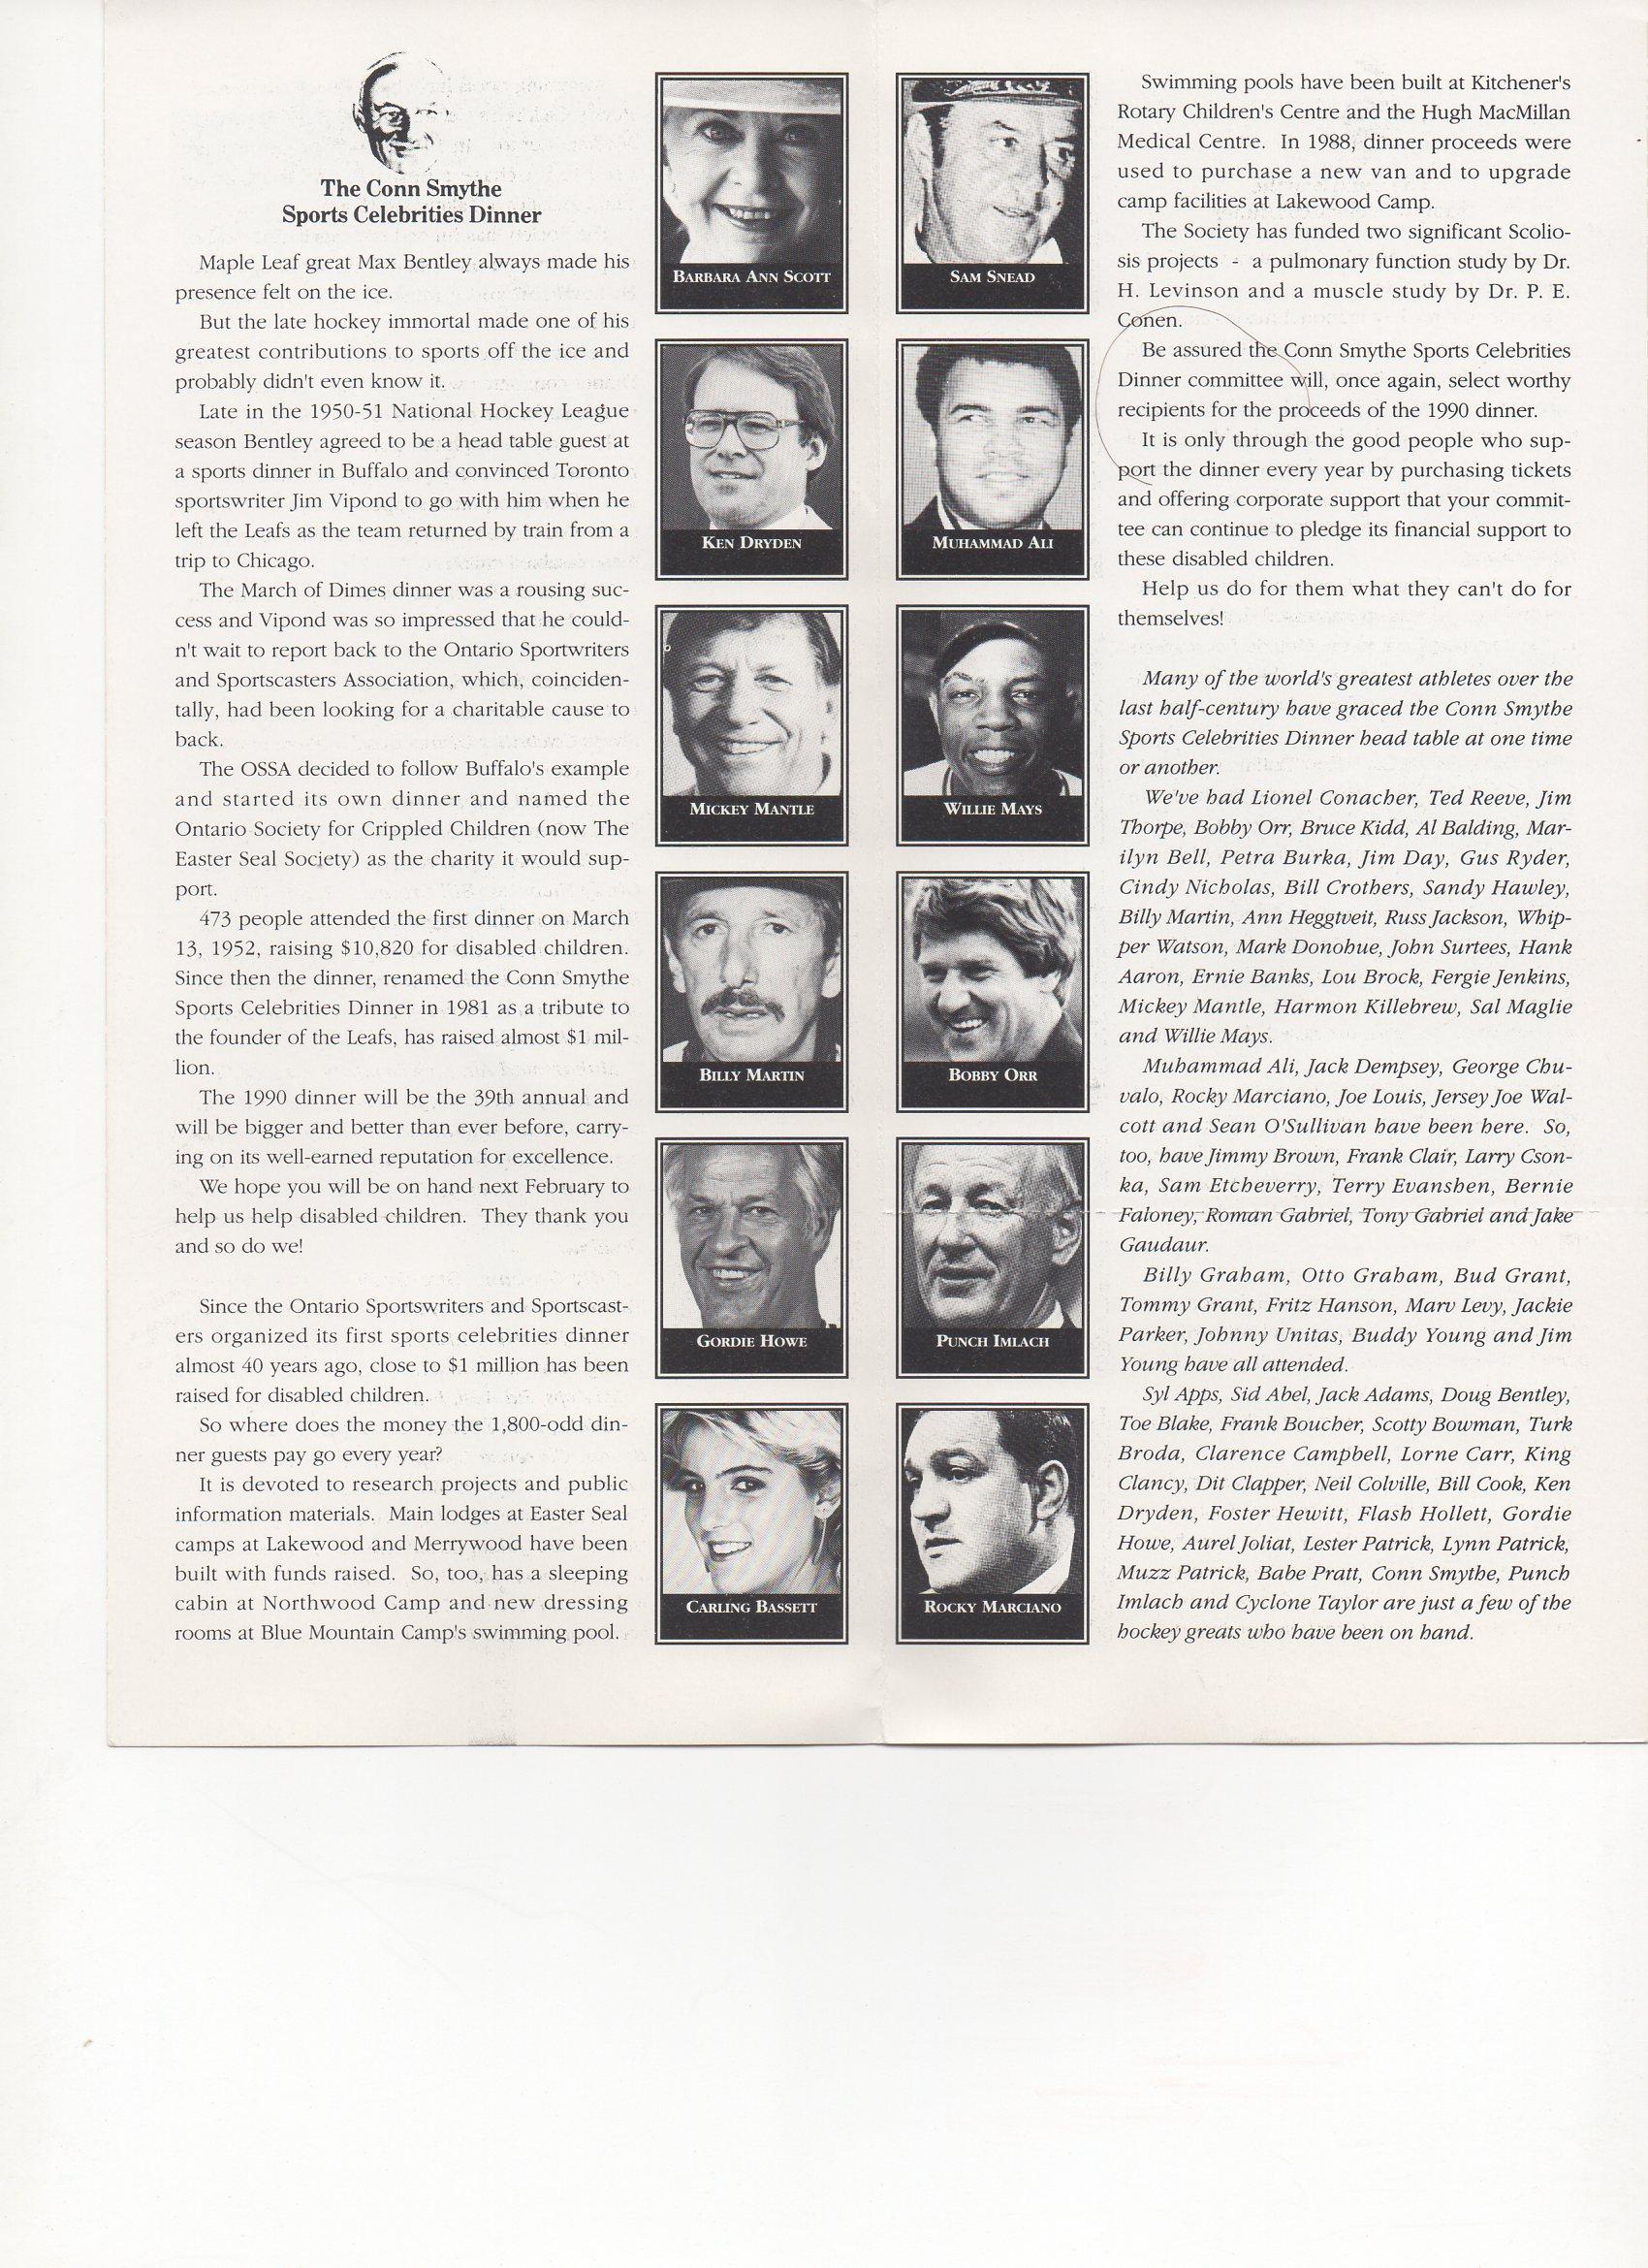 1990 conn smythe dinner, ,inside pages